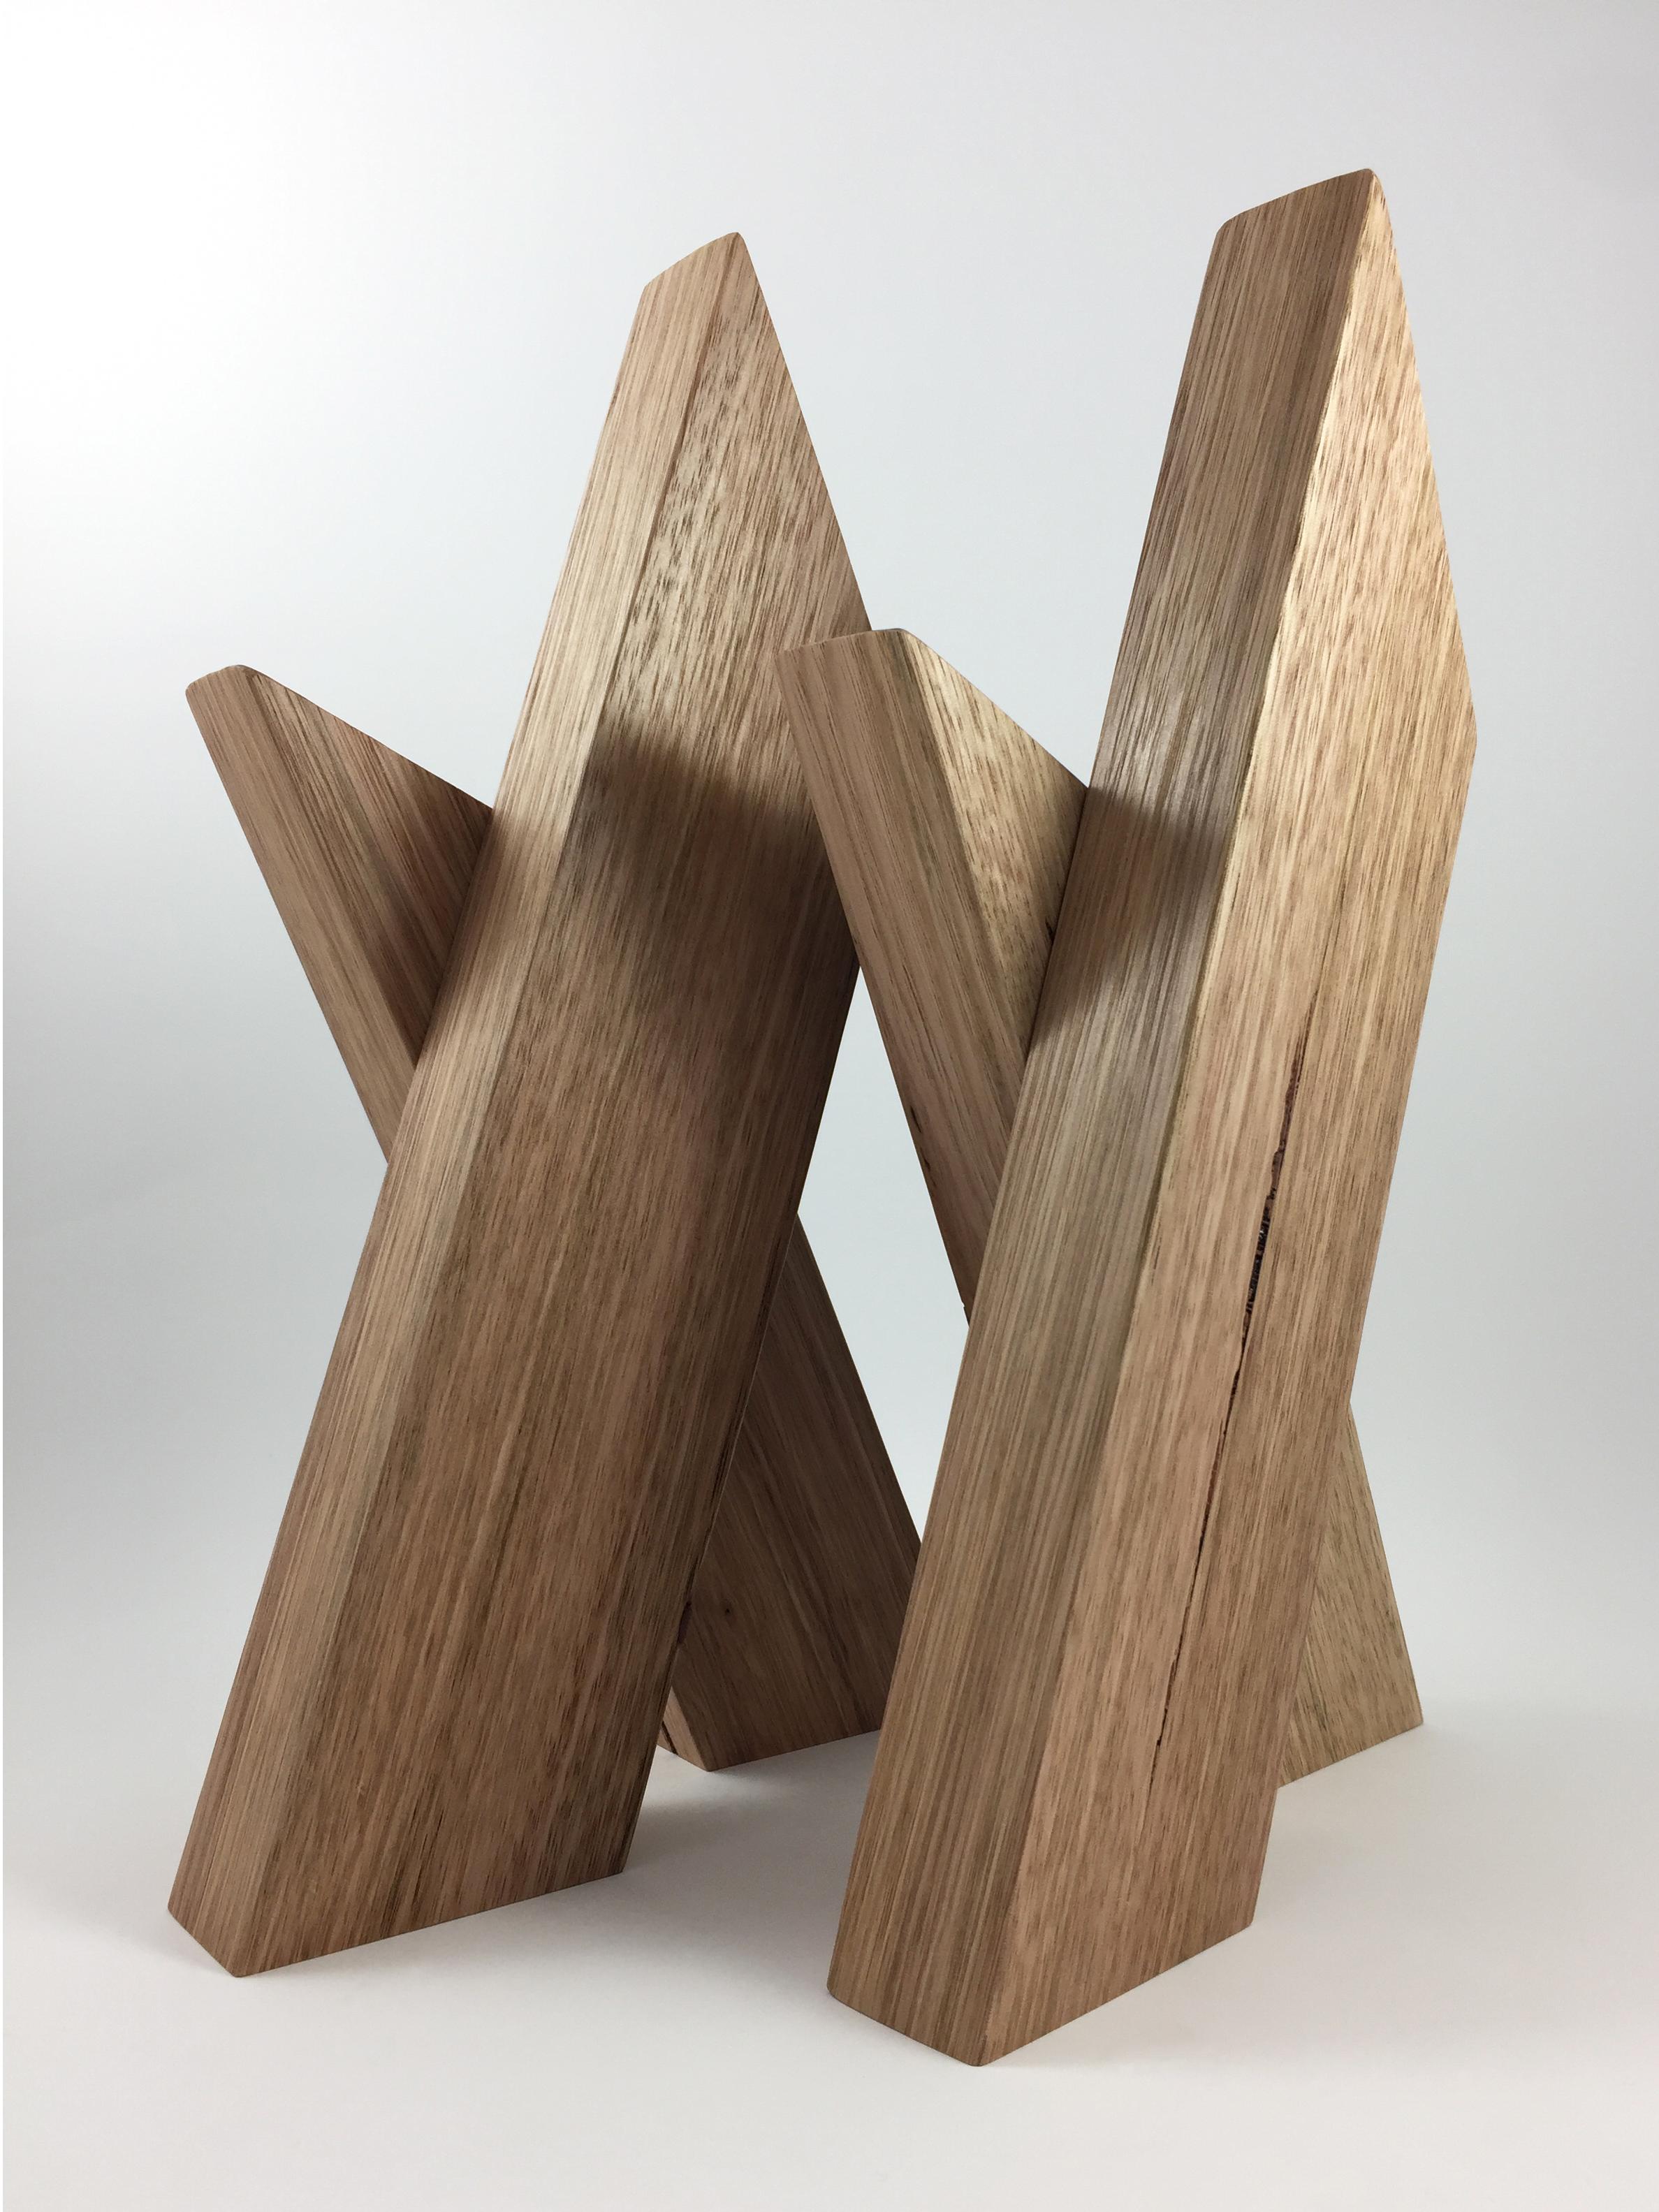 property-council-new-zealand-timber-eco-trophy-metal-award-04.jpg